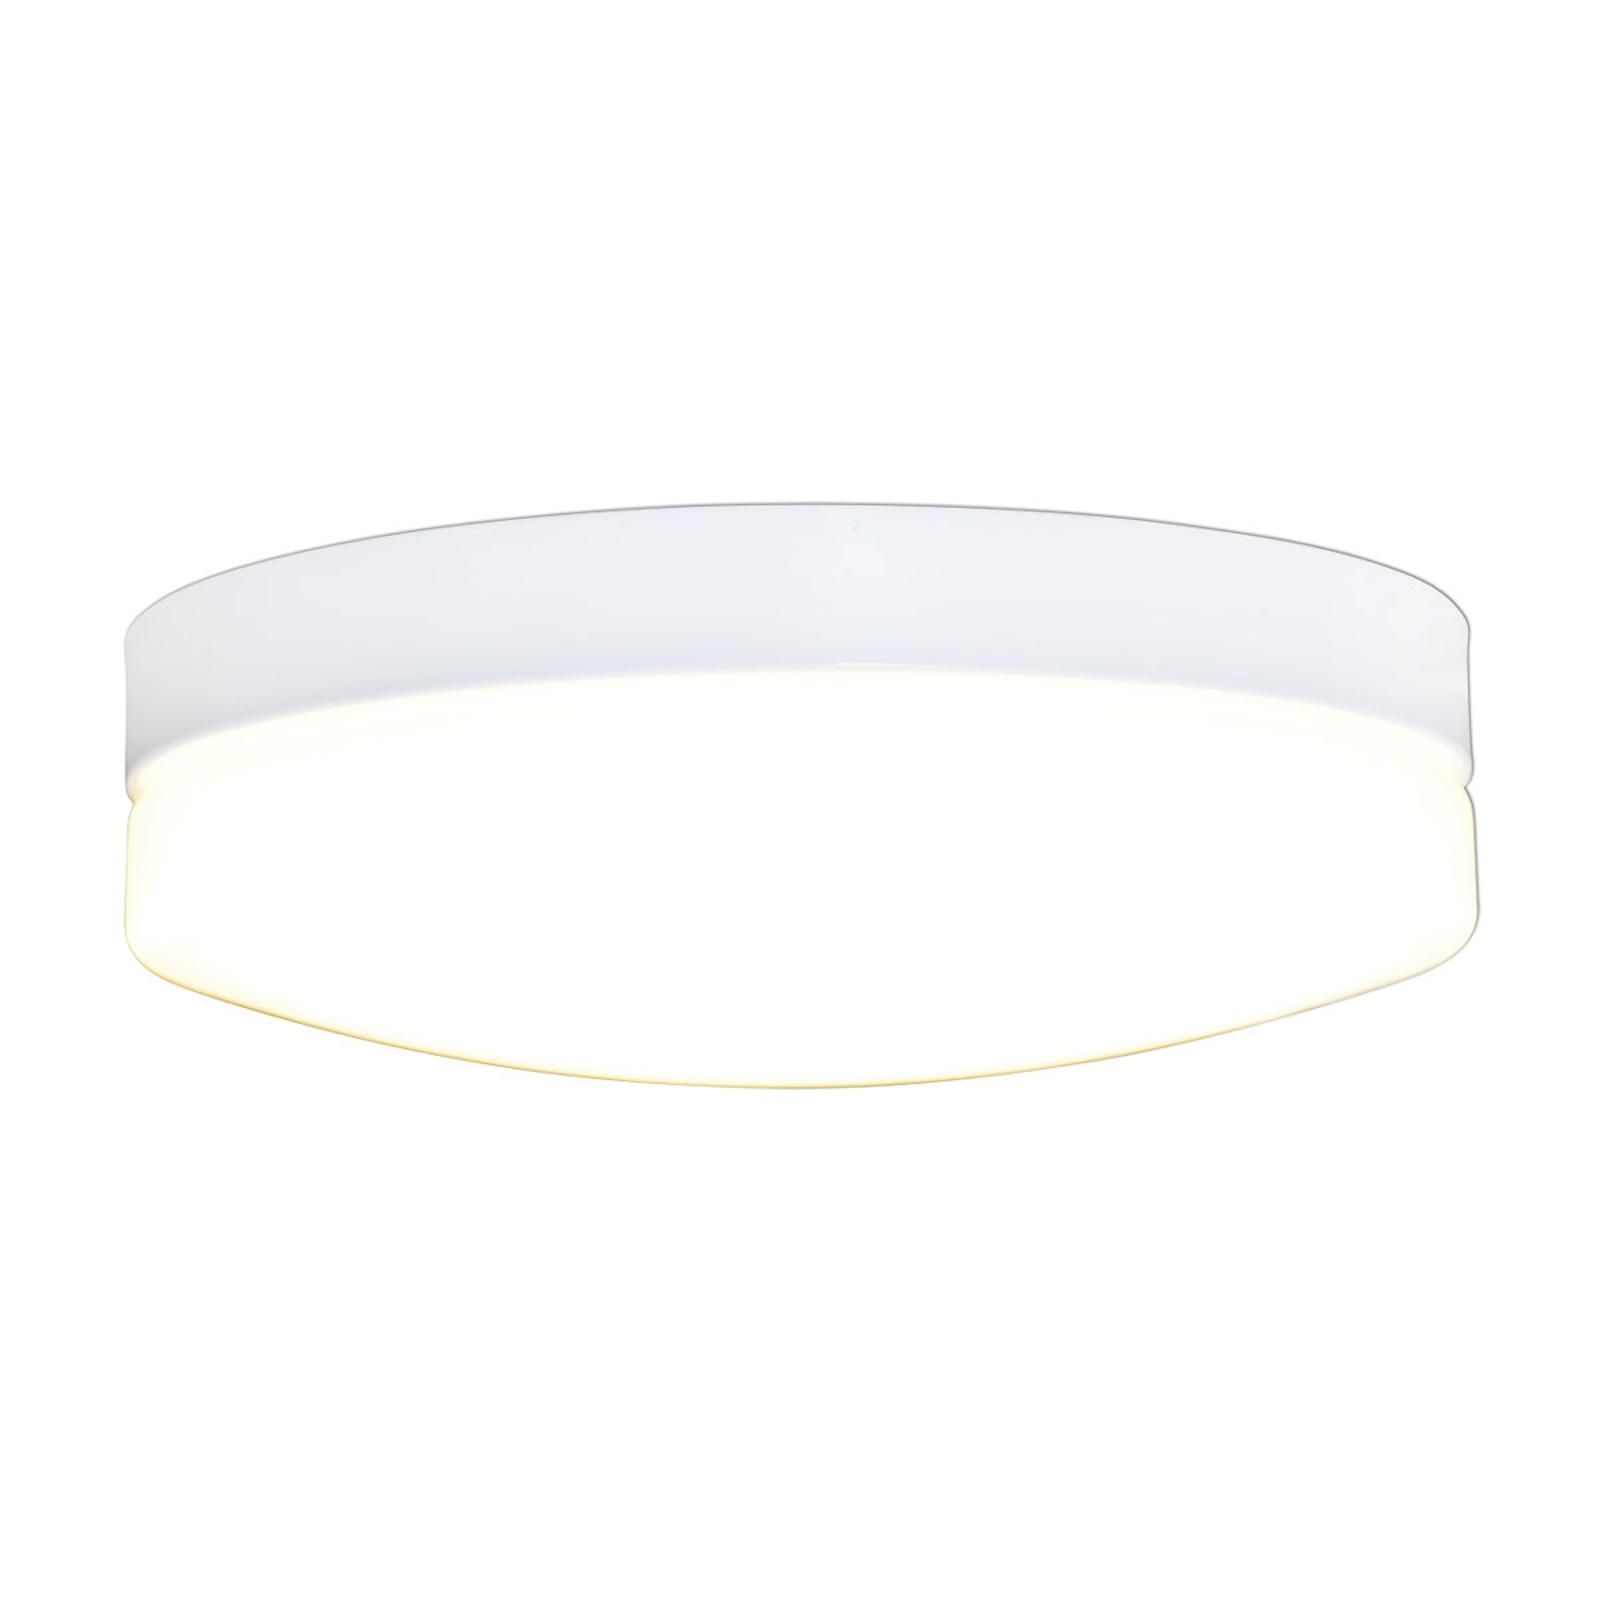 LED-kattolamppu Cool värin vaihdolla